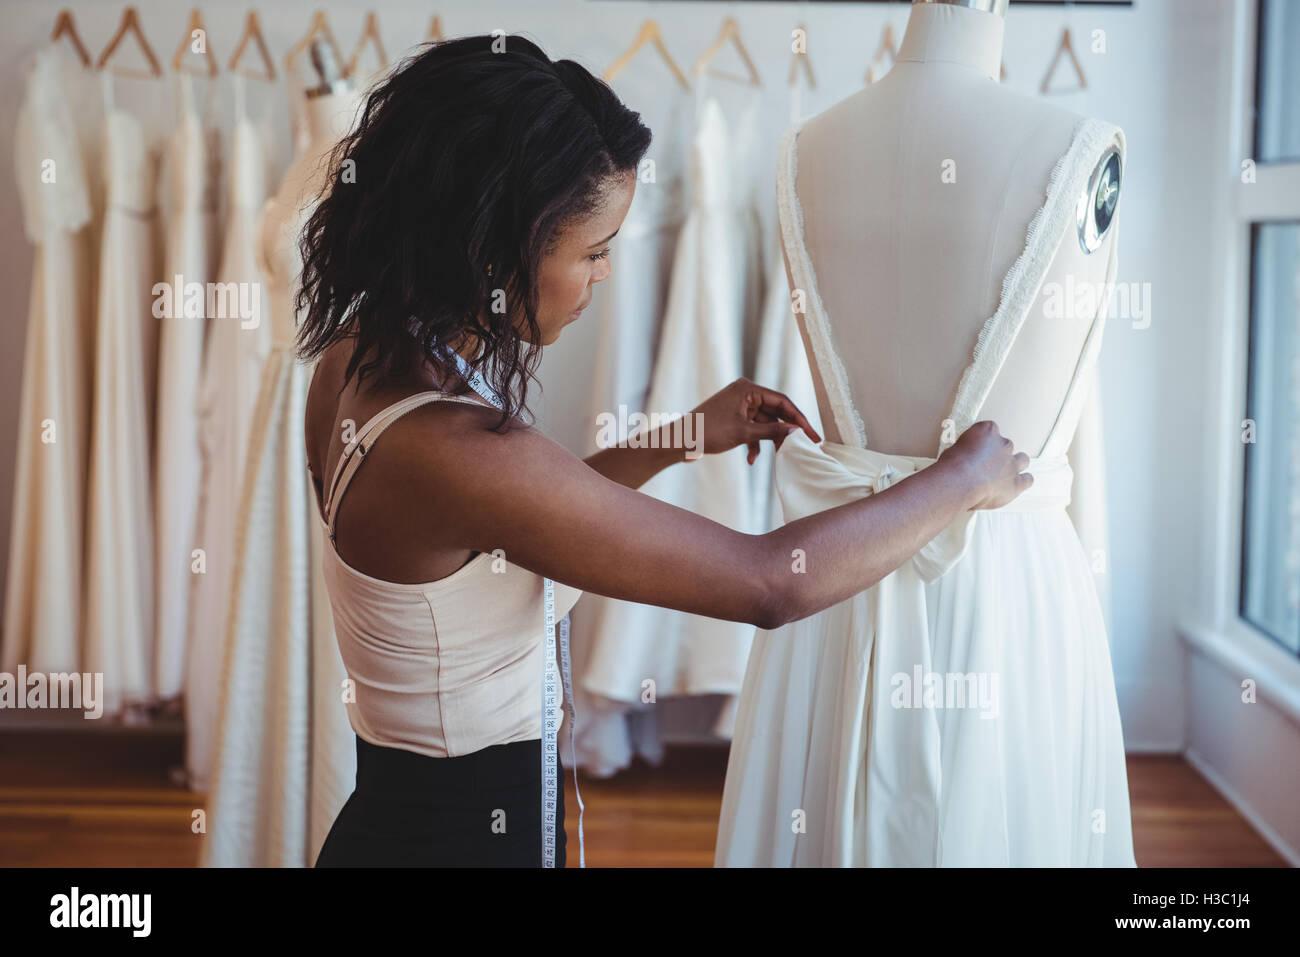 Moda femminile designer regolando il vestito sul manichino Immagini Stock